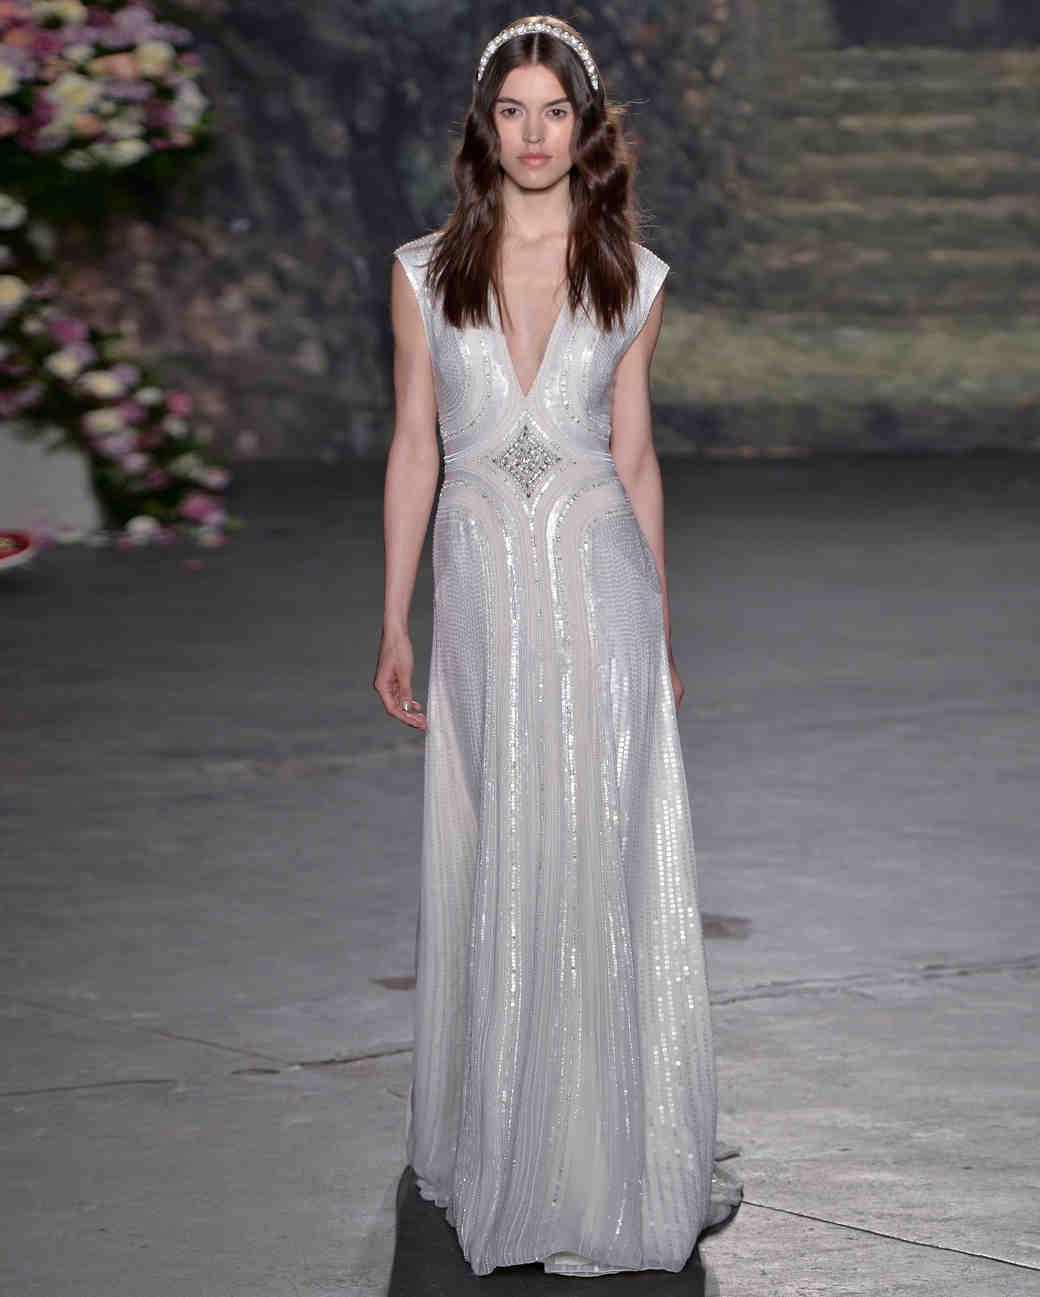 50-states-wedding-dresses-louisiana-jenny-packham-0615.jpg